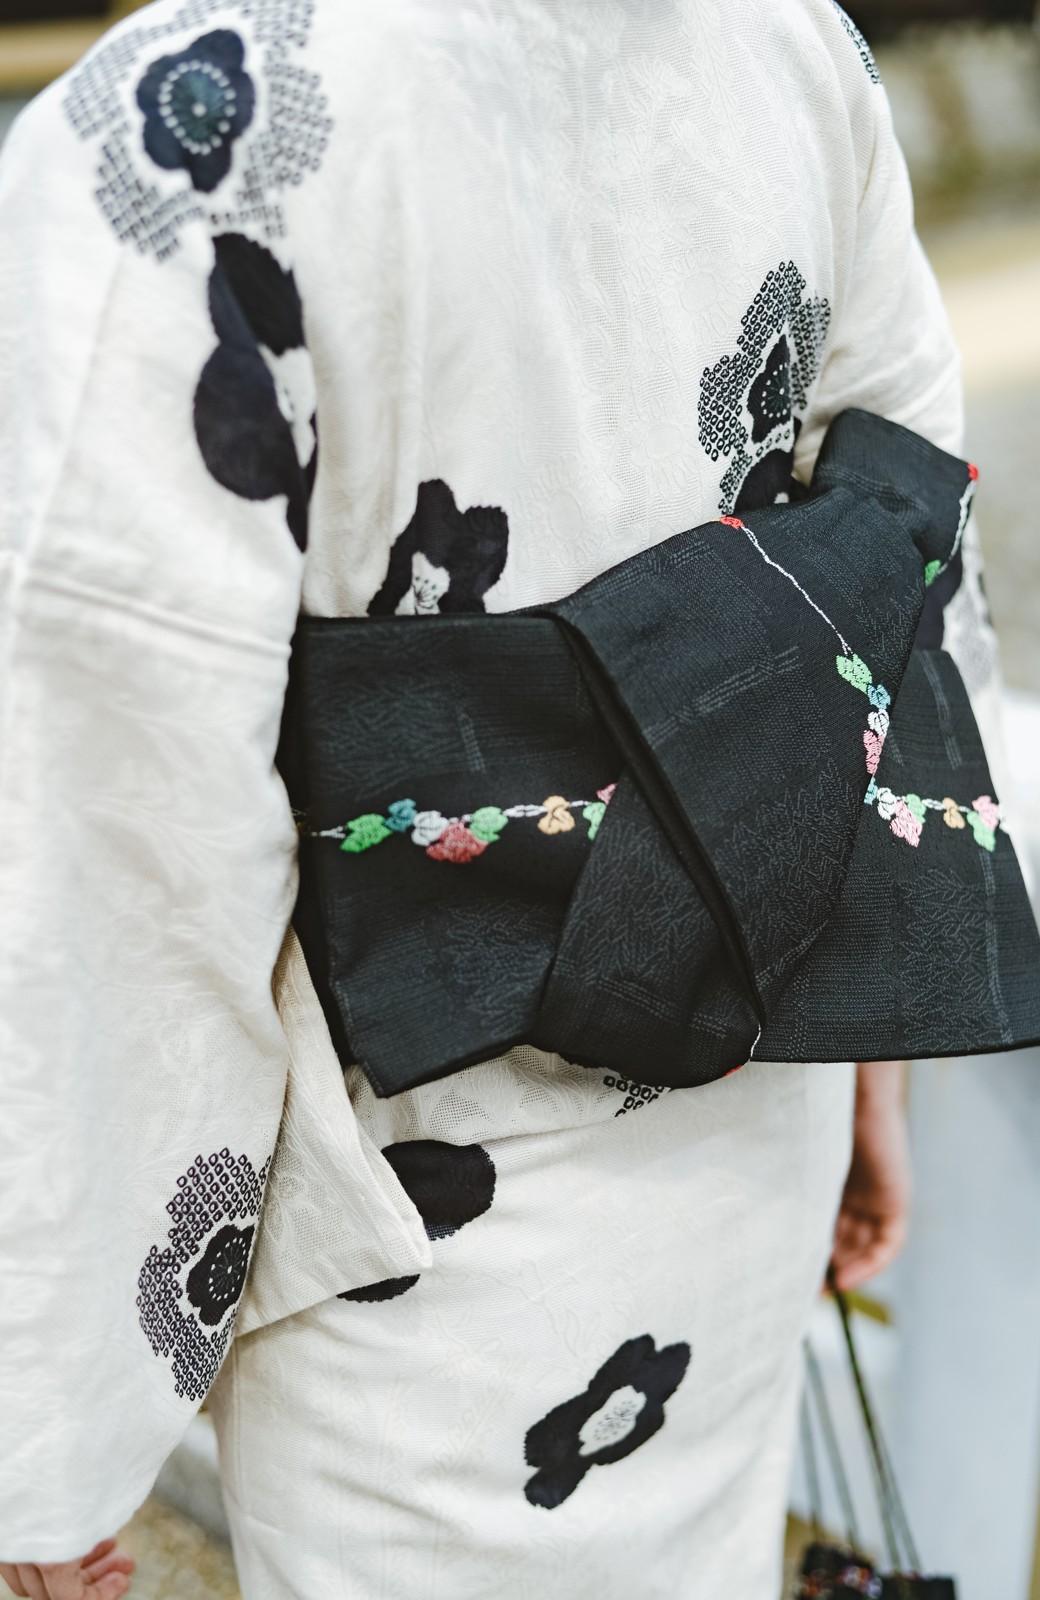 haco! ひでや工房 京都のからみ織ジャカード浴衣 <ブラック系その他>の商品写真12